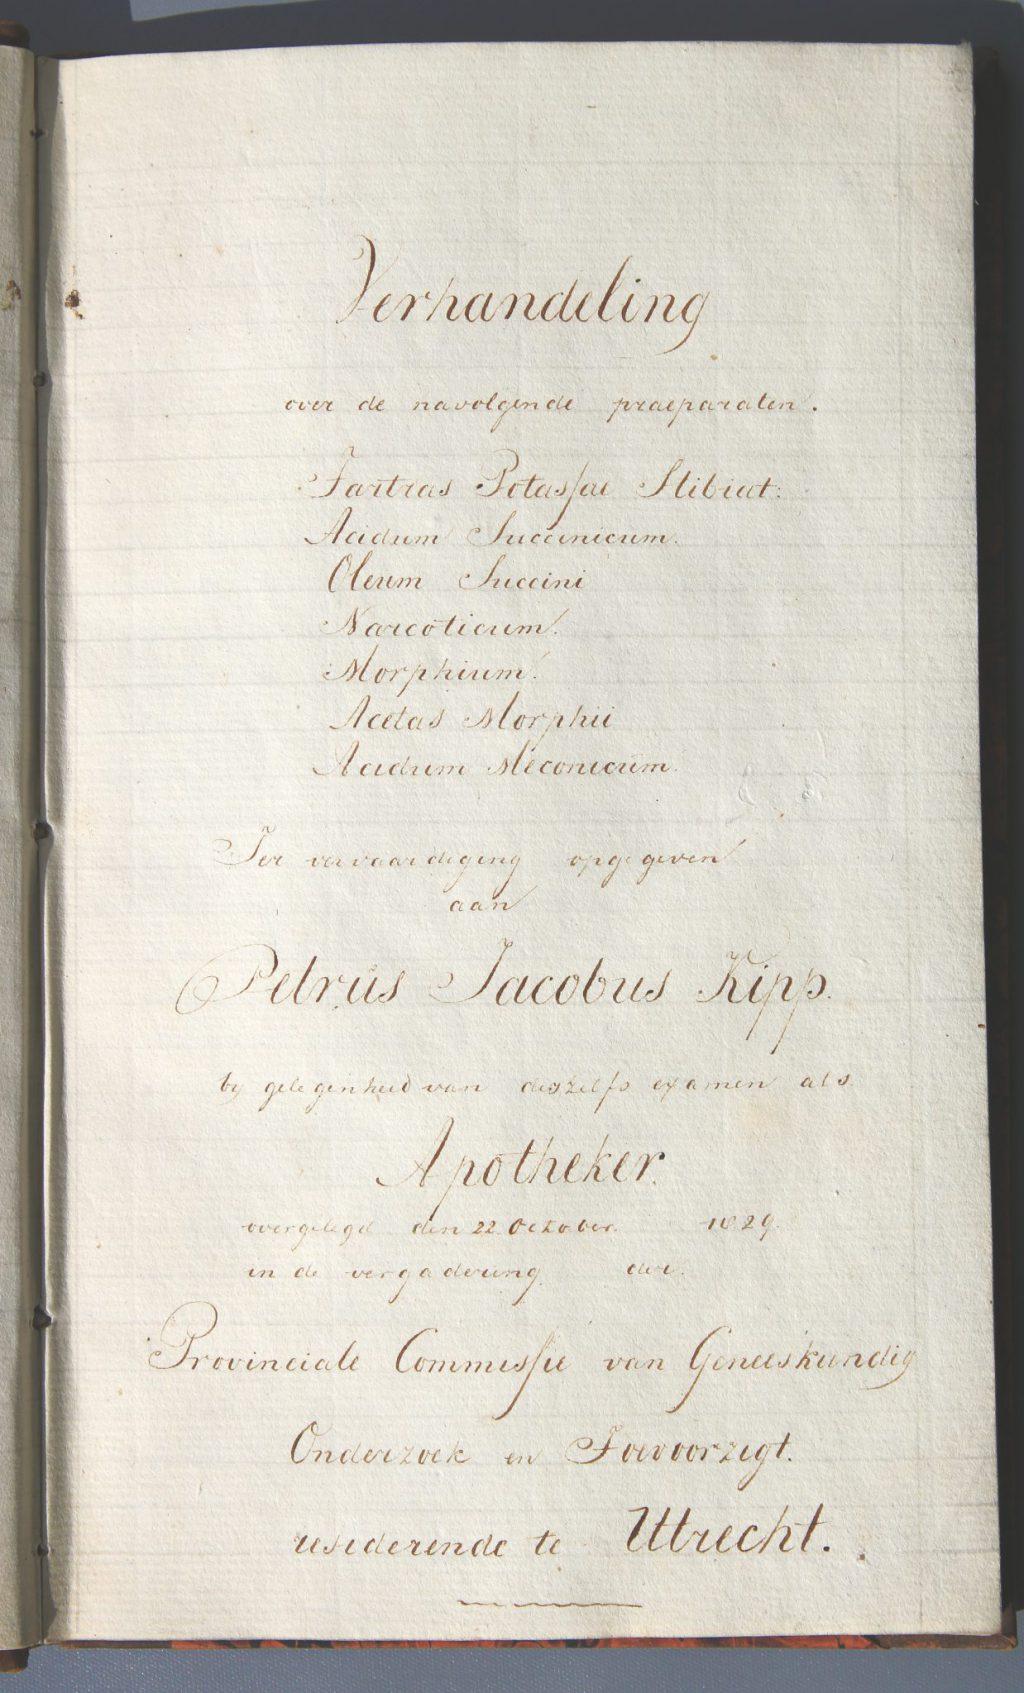 Scriptie van P.J. Kipp voor zijn apothekersexamen, 1829 (Archief 567, inv.nr 140)